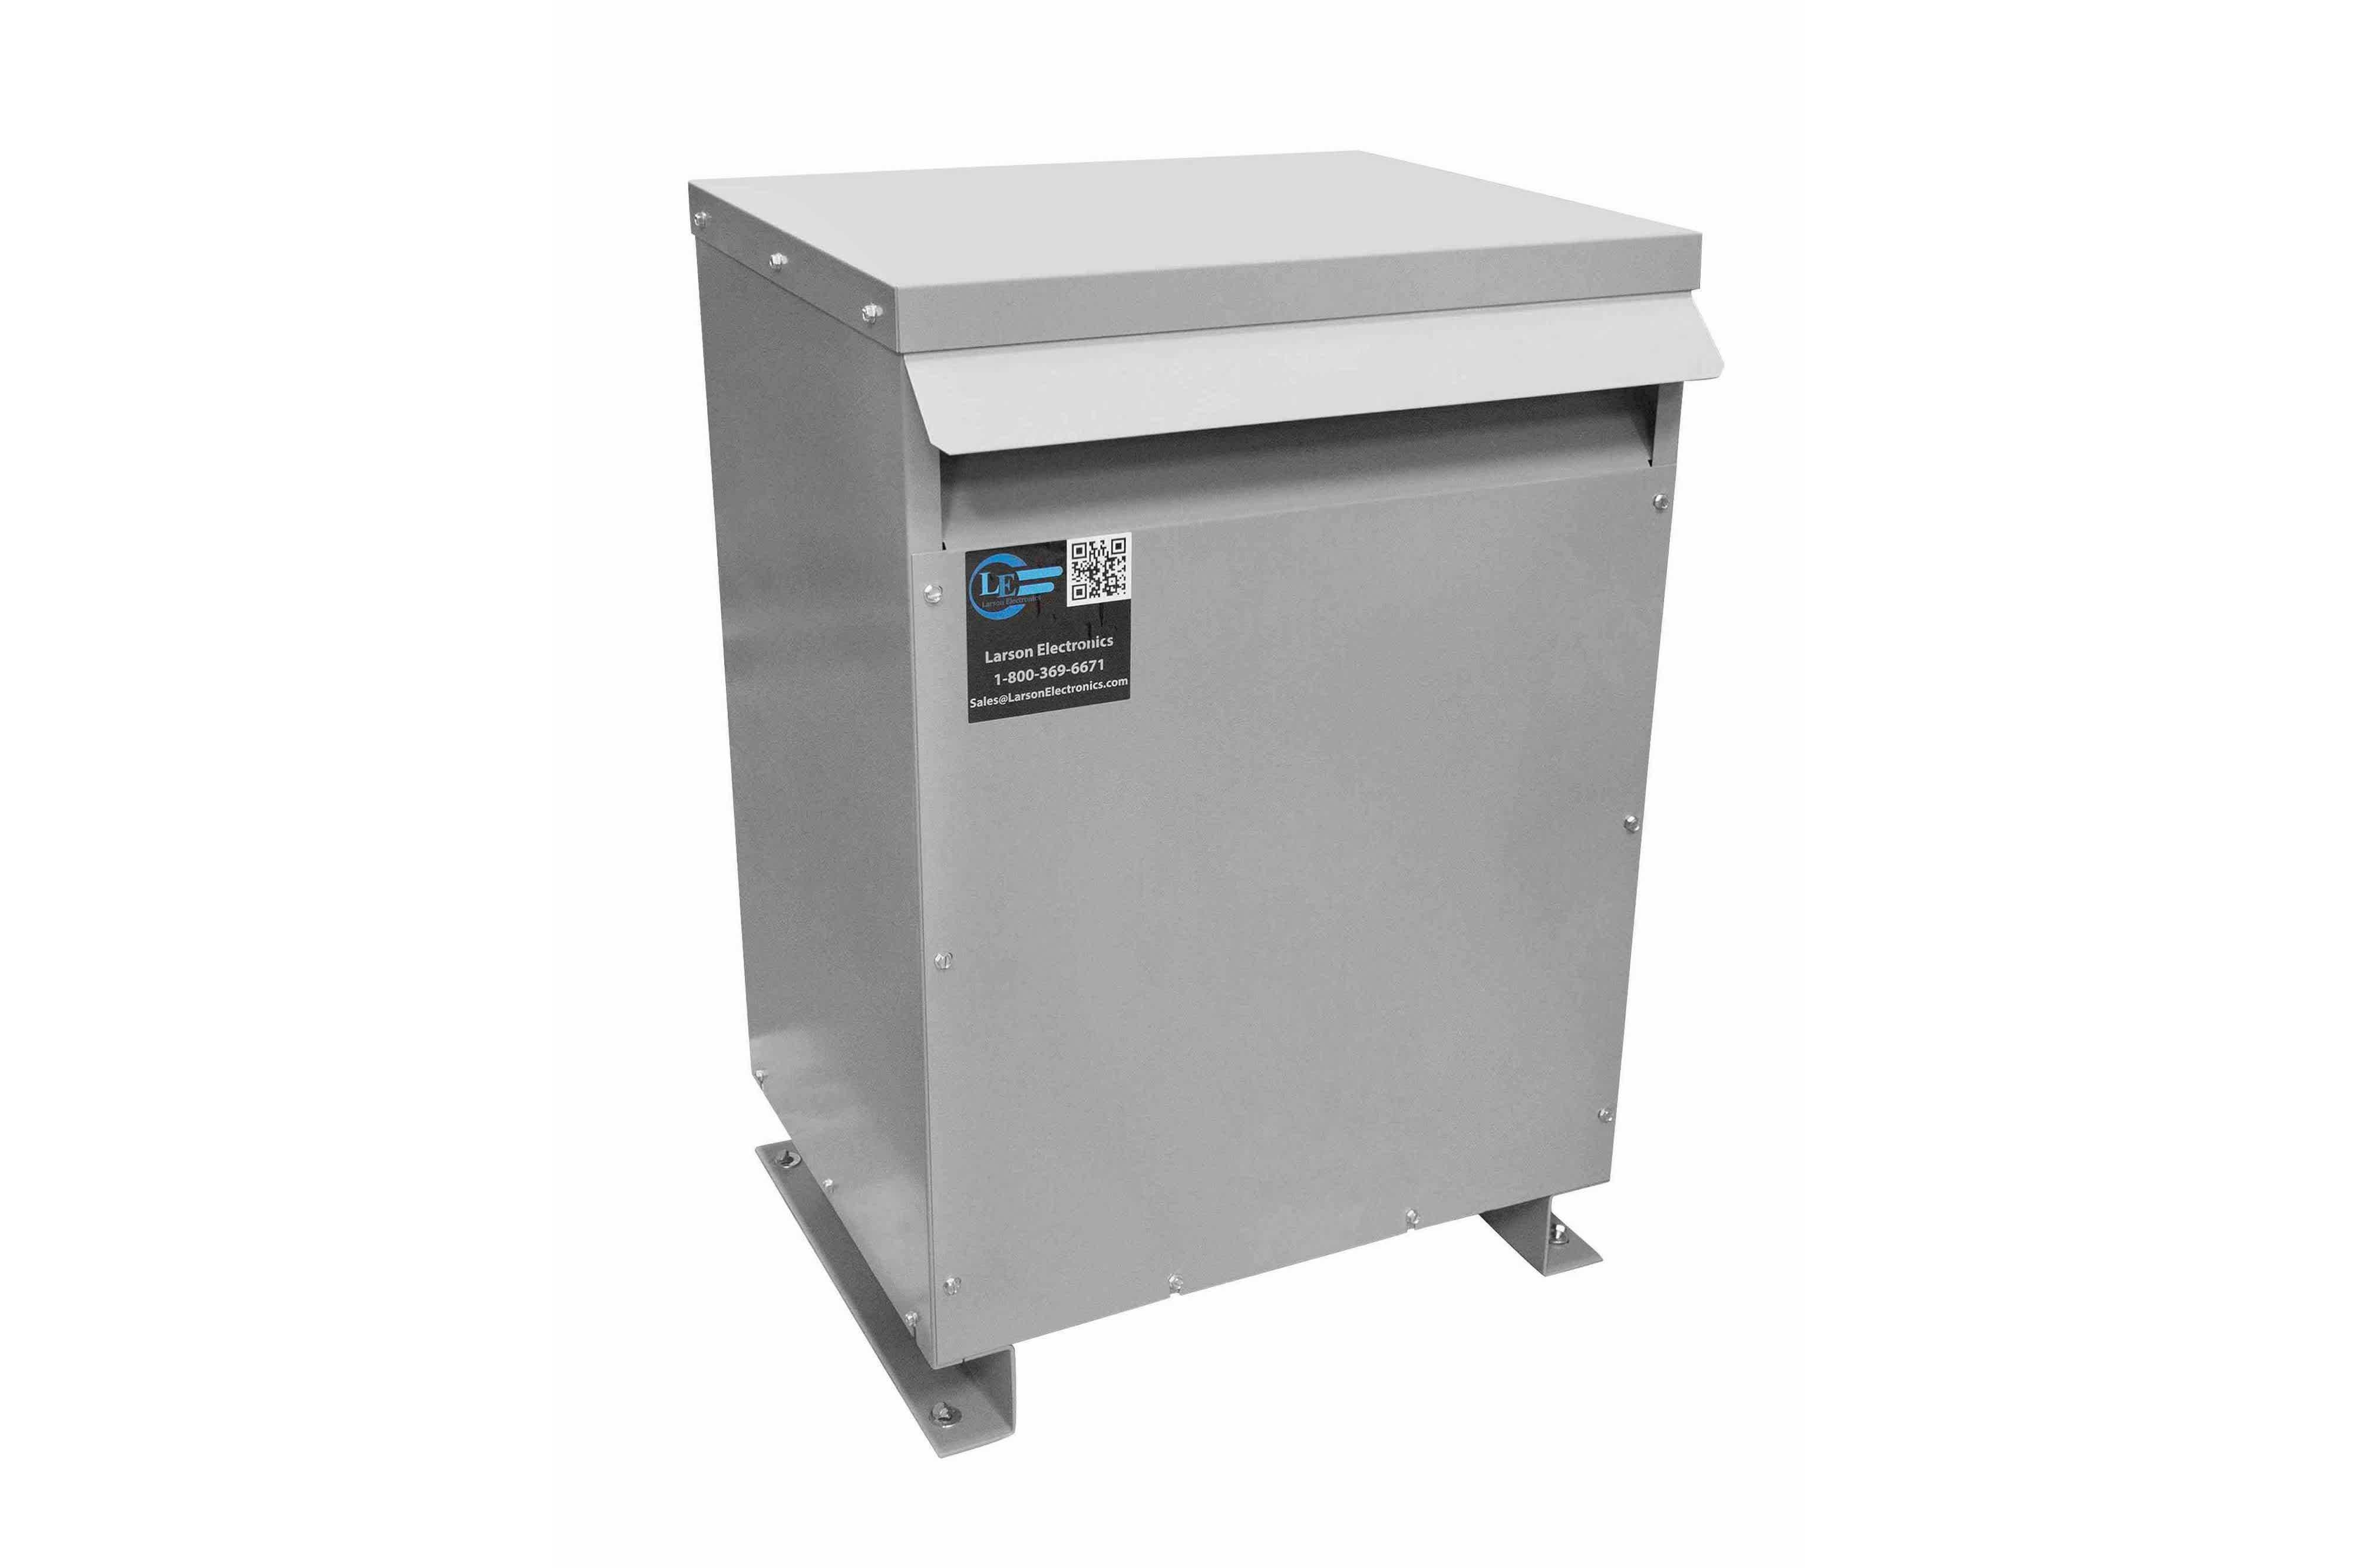 35 kVA 3PH Isolation Transformer, 400V Delta Primary, 480V Delta Secondary, N3R, Ventilated, 60 Hz